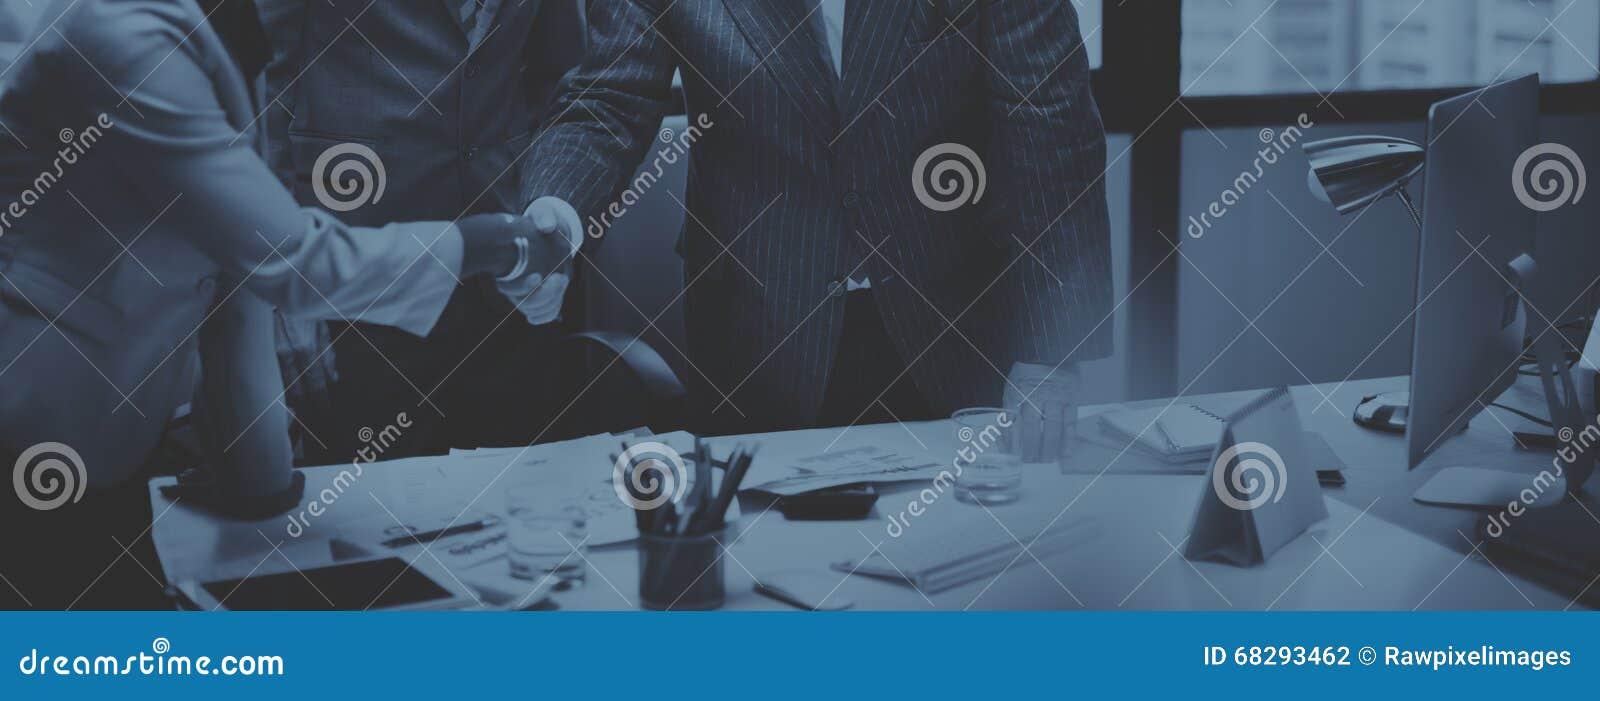 Affärsfolk som möter företags handskakninghälsningbegrepp